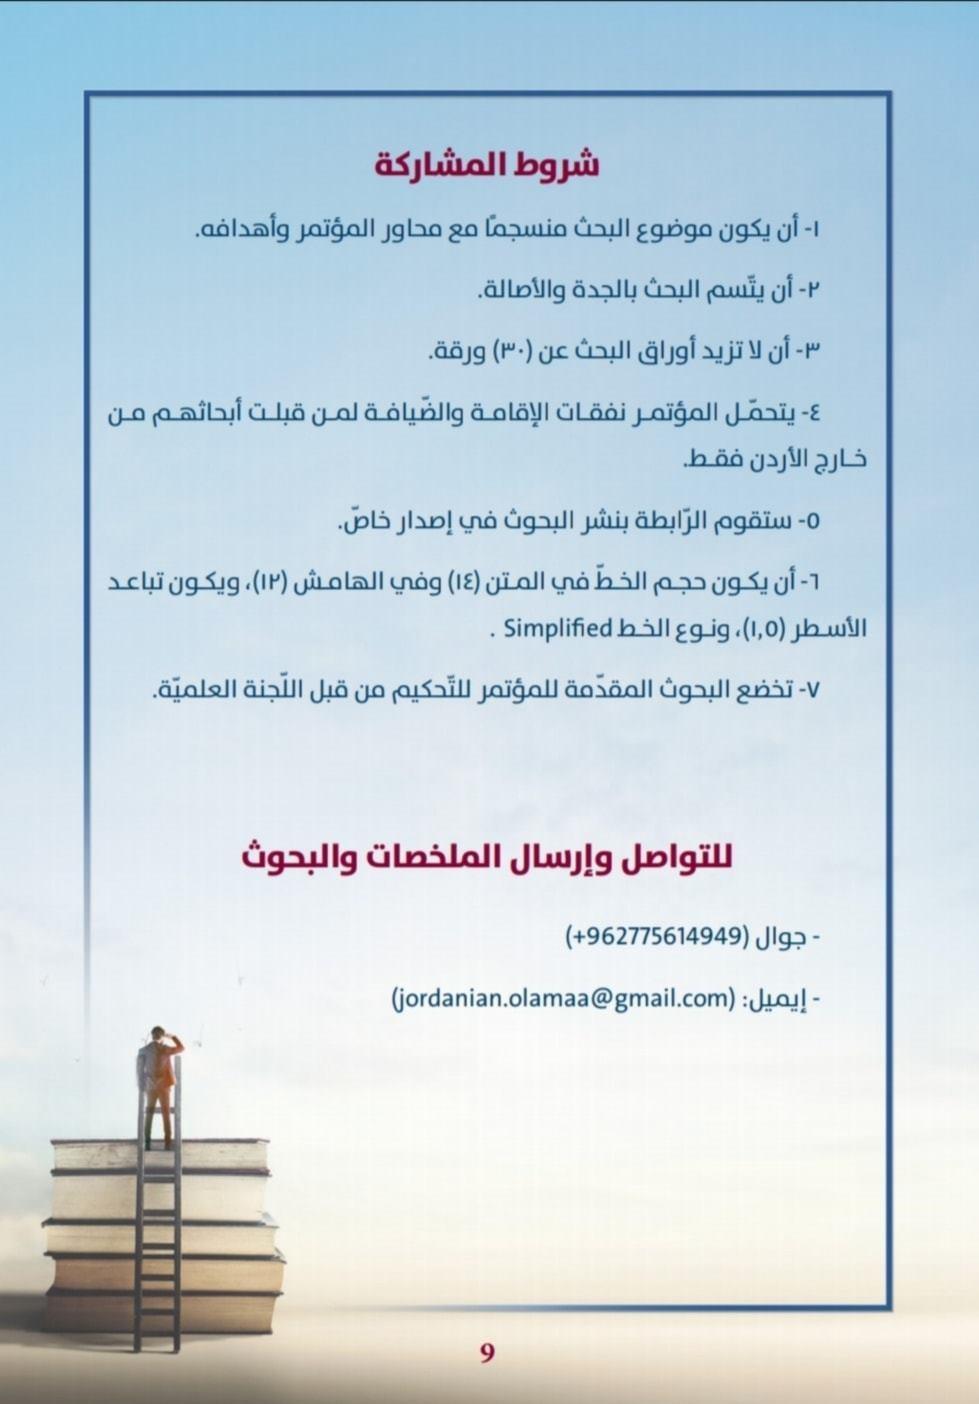 مؤتمر الدراسات المستقبلية في العلوم الش رعي ة الأردن 6 7 7 2021 الدراسات المستقبلية في العلوم الش رعي ة مستقب لات الأم ة Ugs